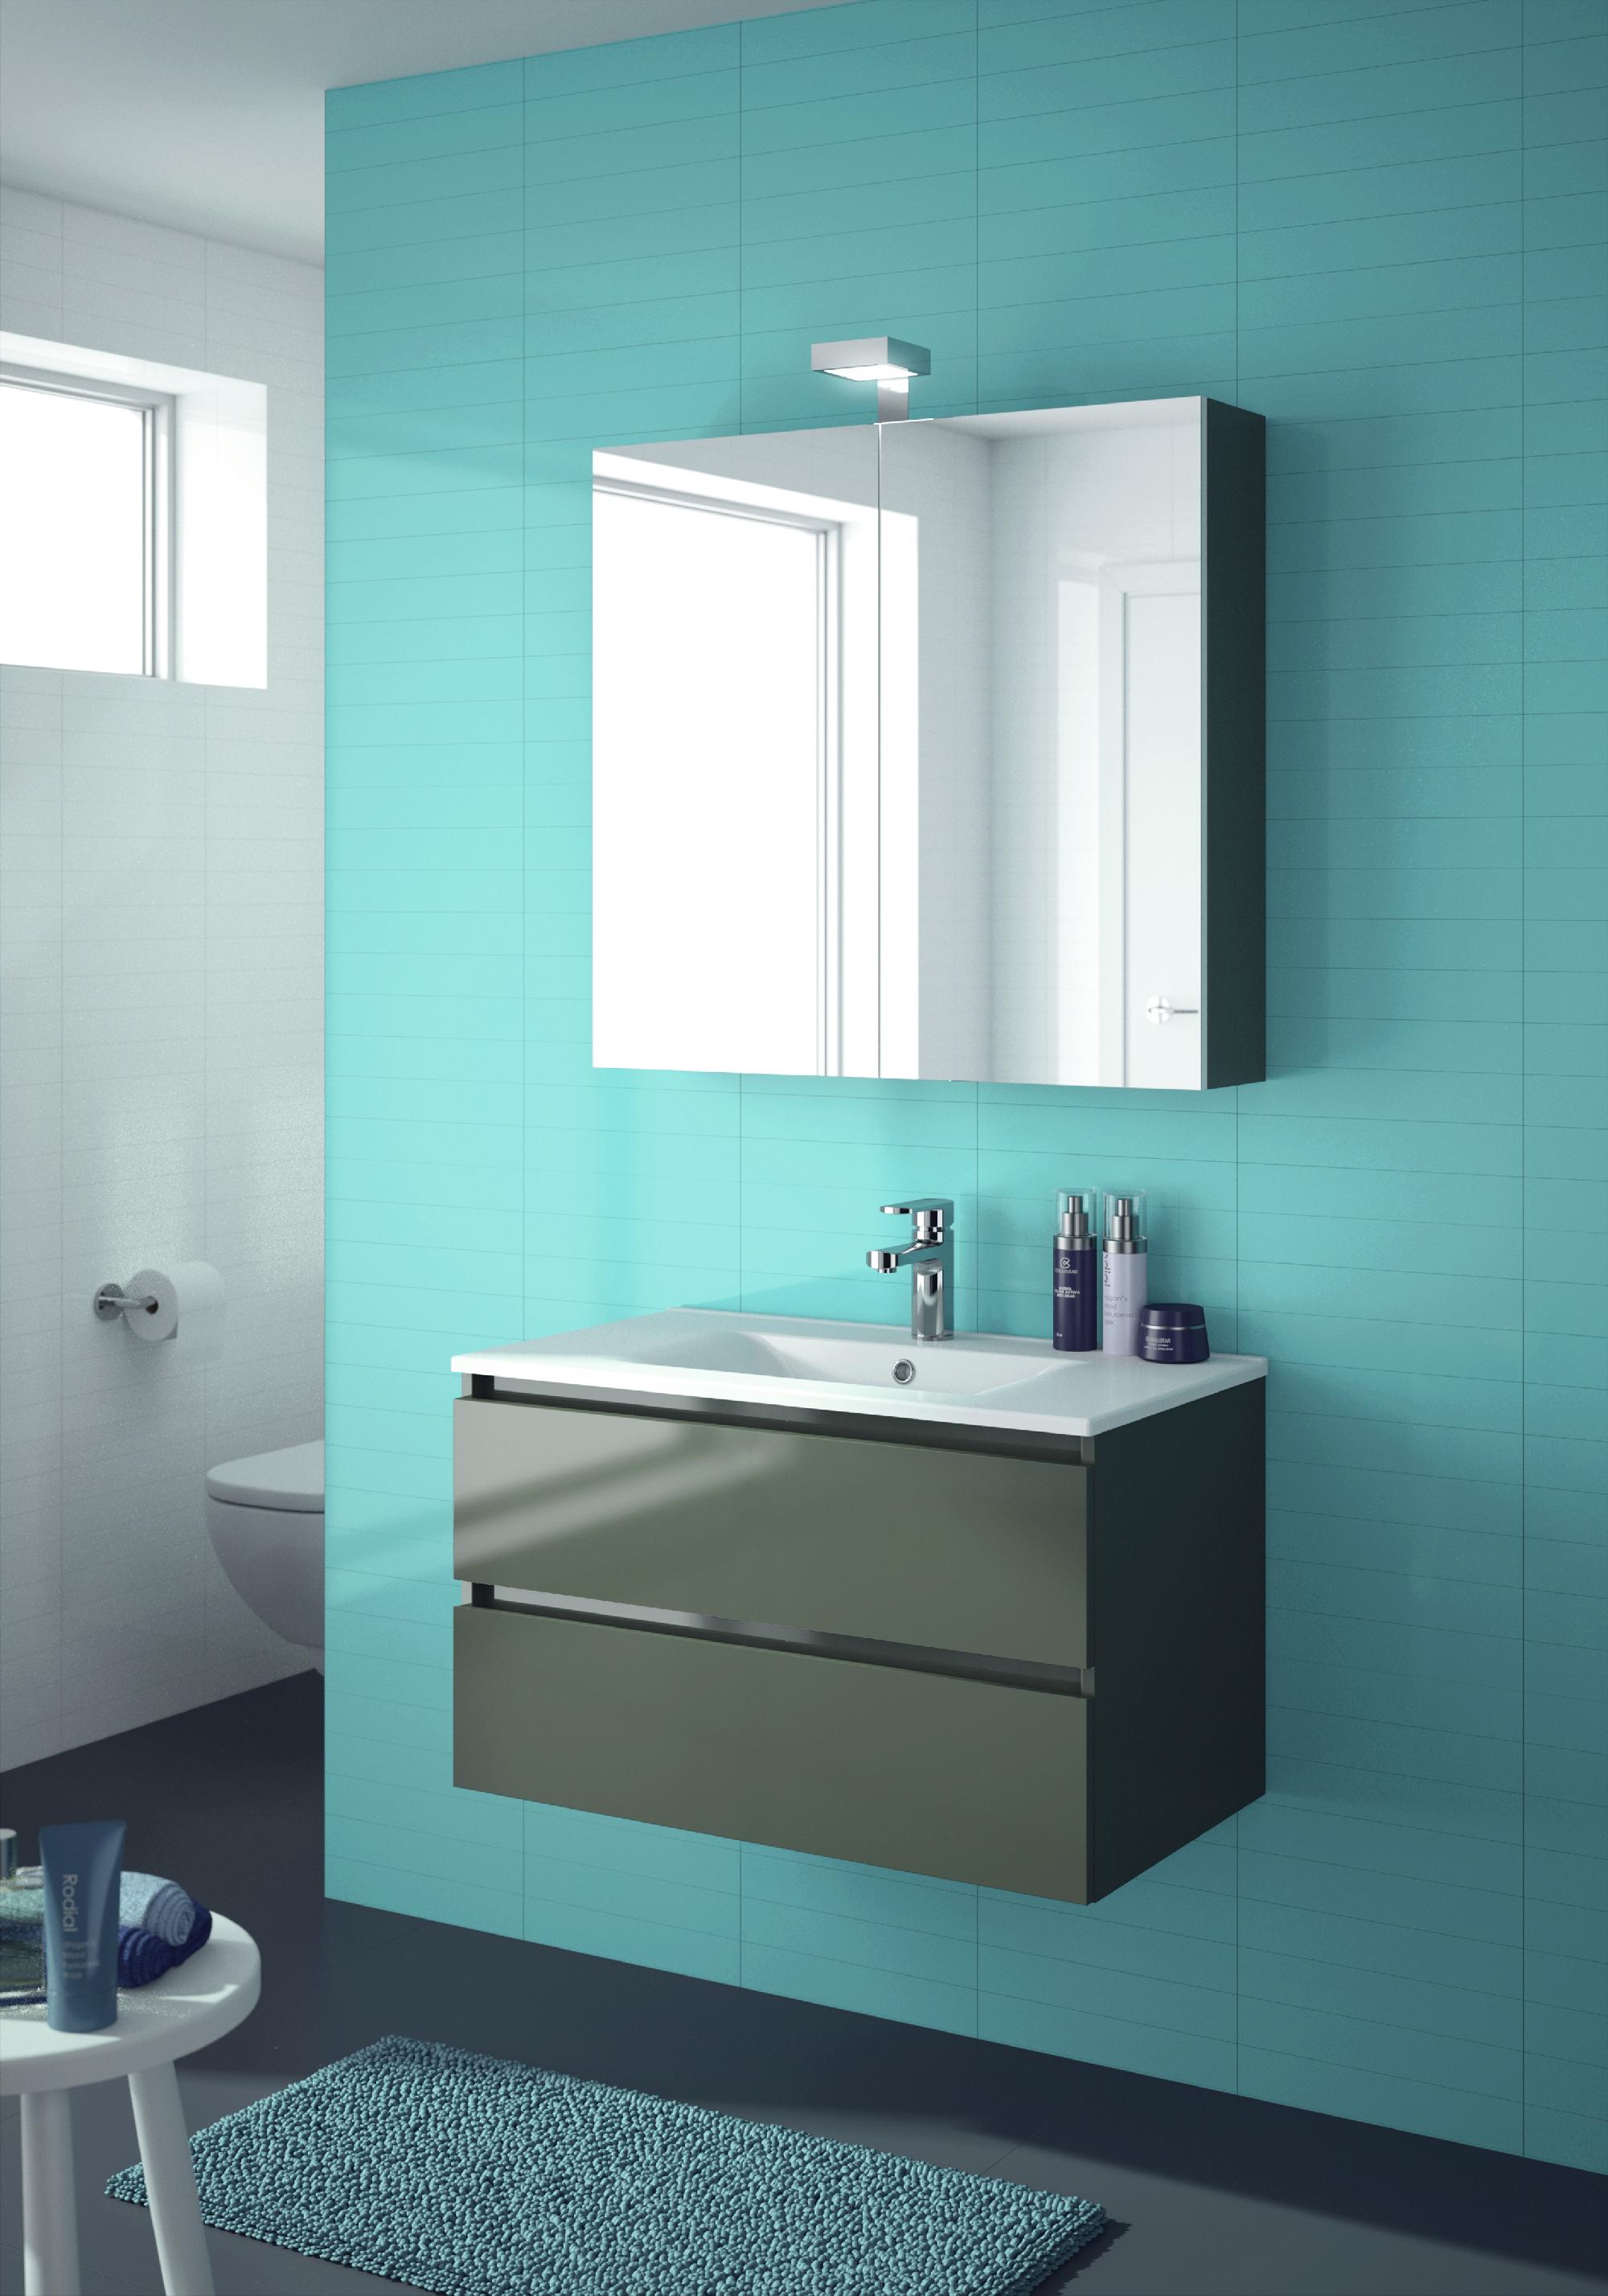 ALLIBERT Badmöbel-Set Badmöbel vormontiert grau Spiegelschrank Waschtisch 80 cm